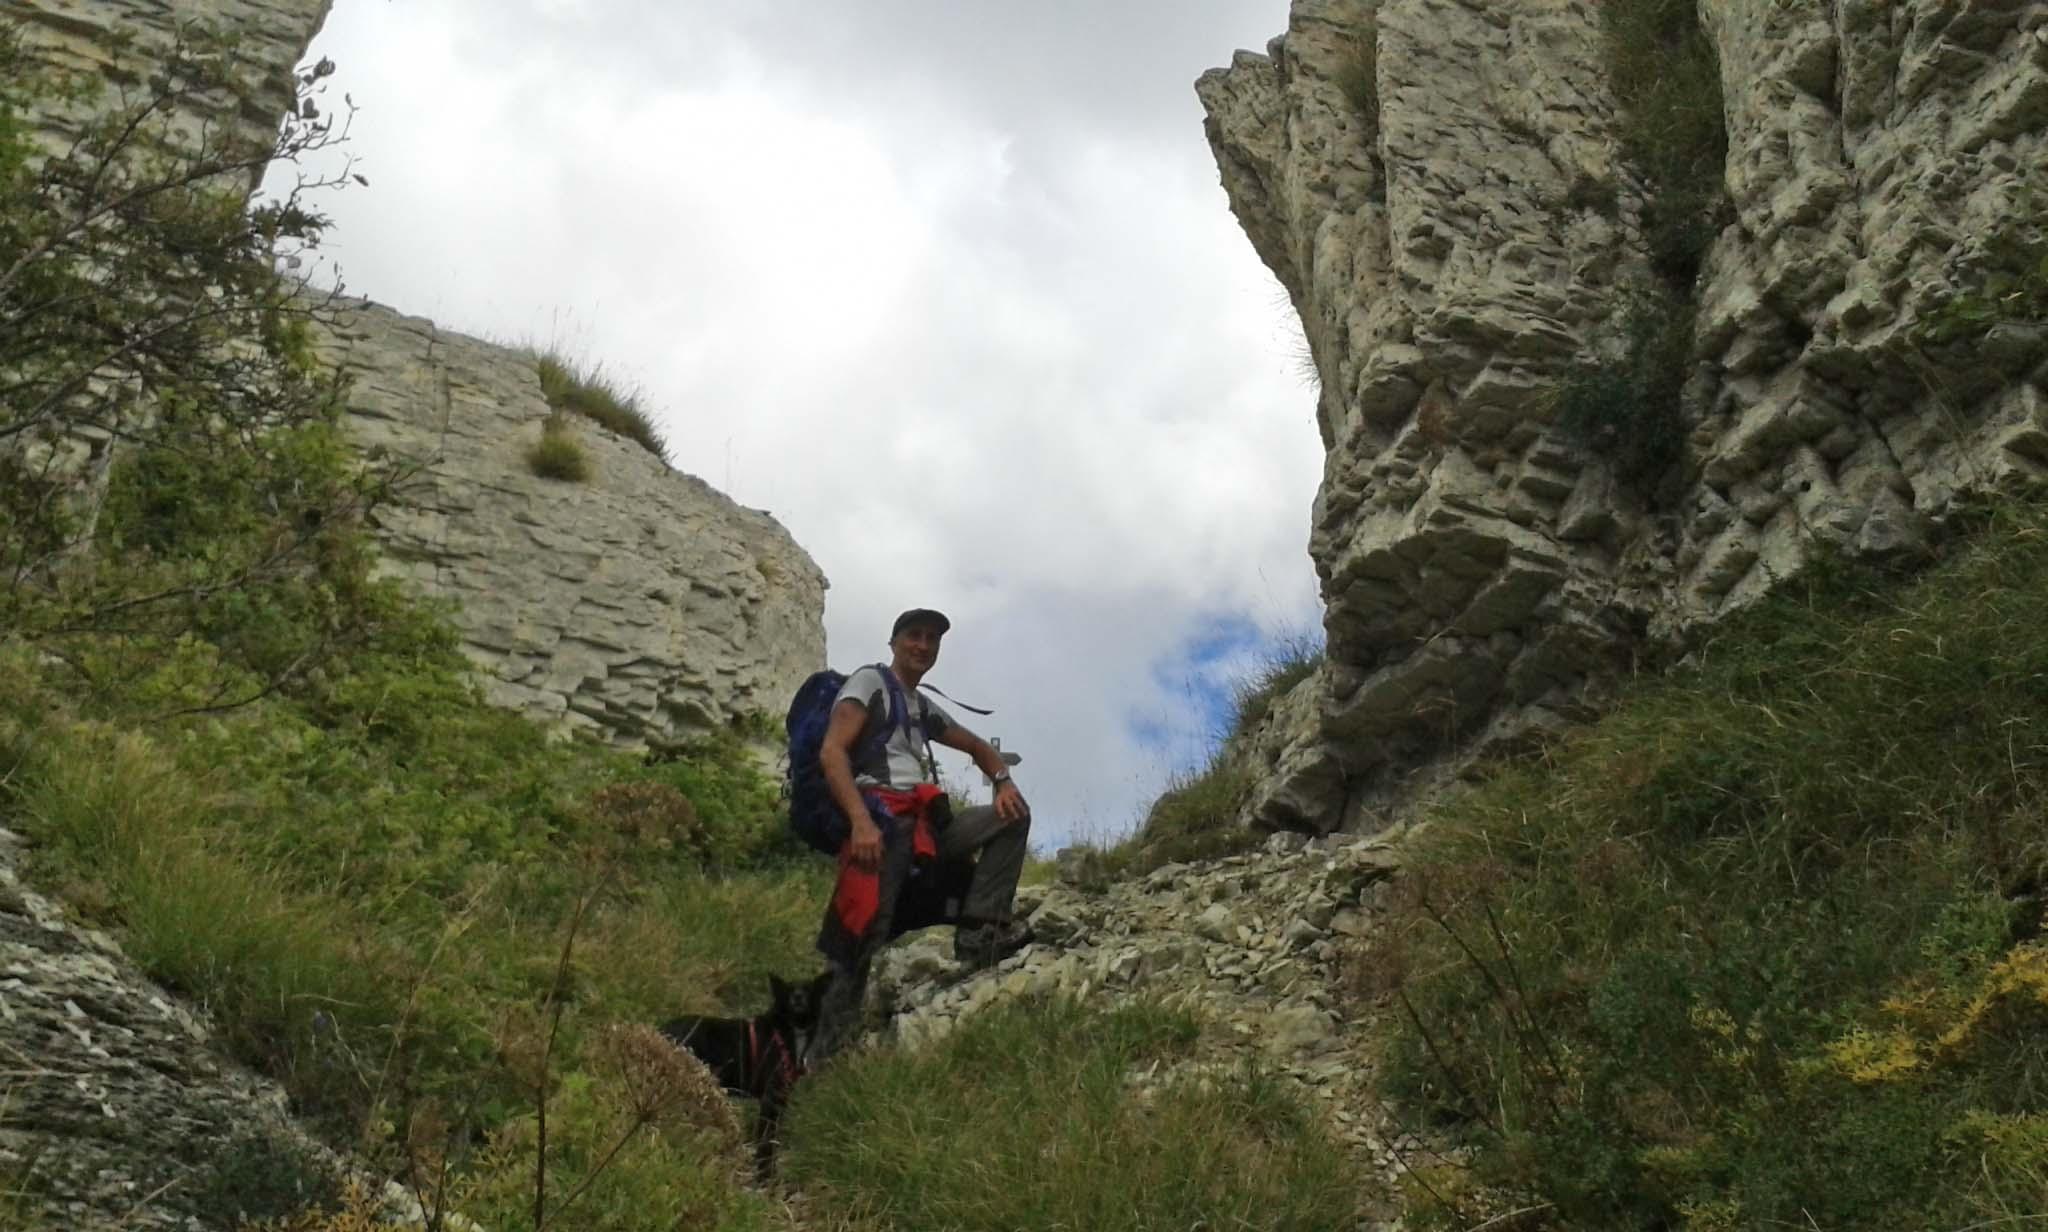 Monte Carpegna, Passo del Trabocchetto